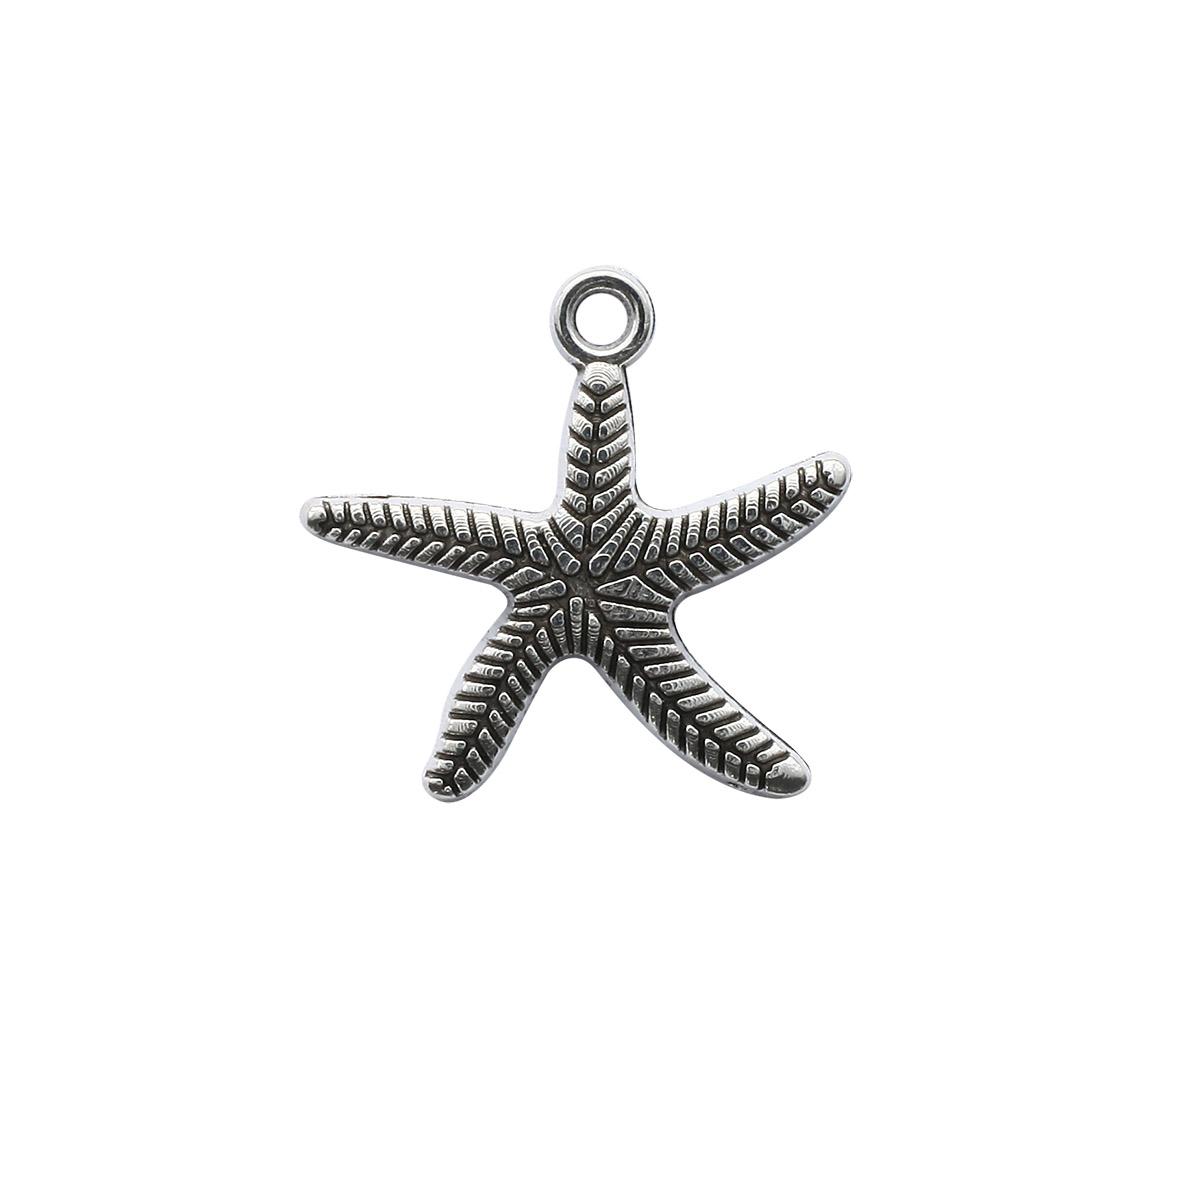 4AR040 Подвеска металлическая морская звездочка,2шт/упак, Астра